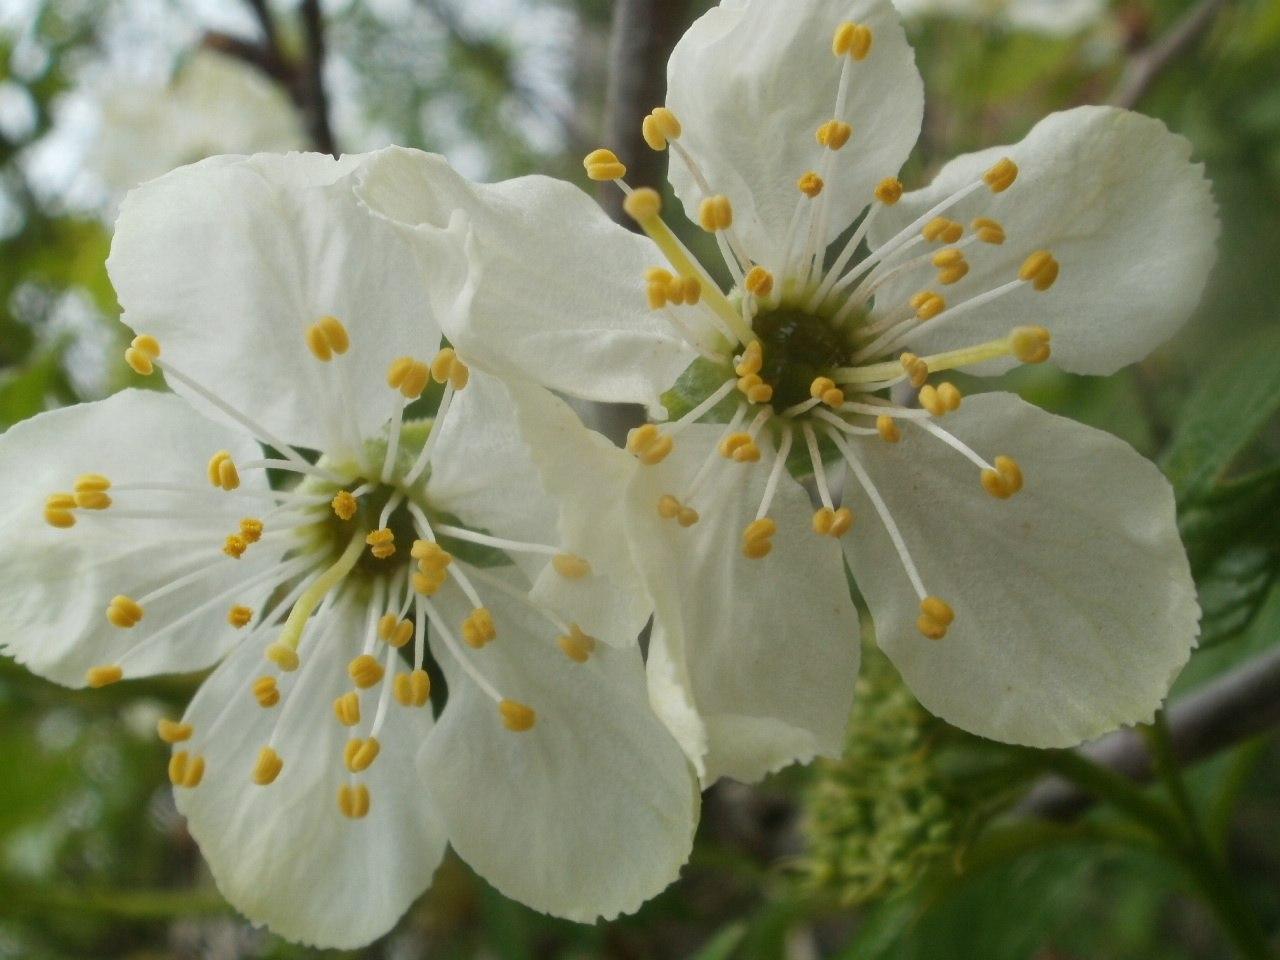 Пестик у цветов фото